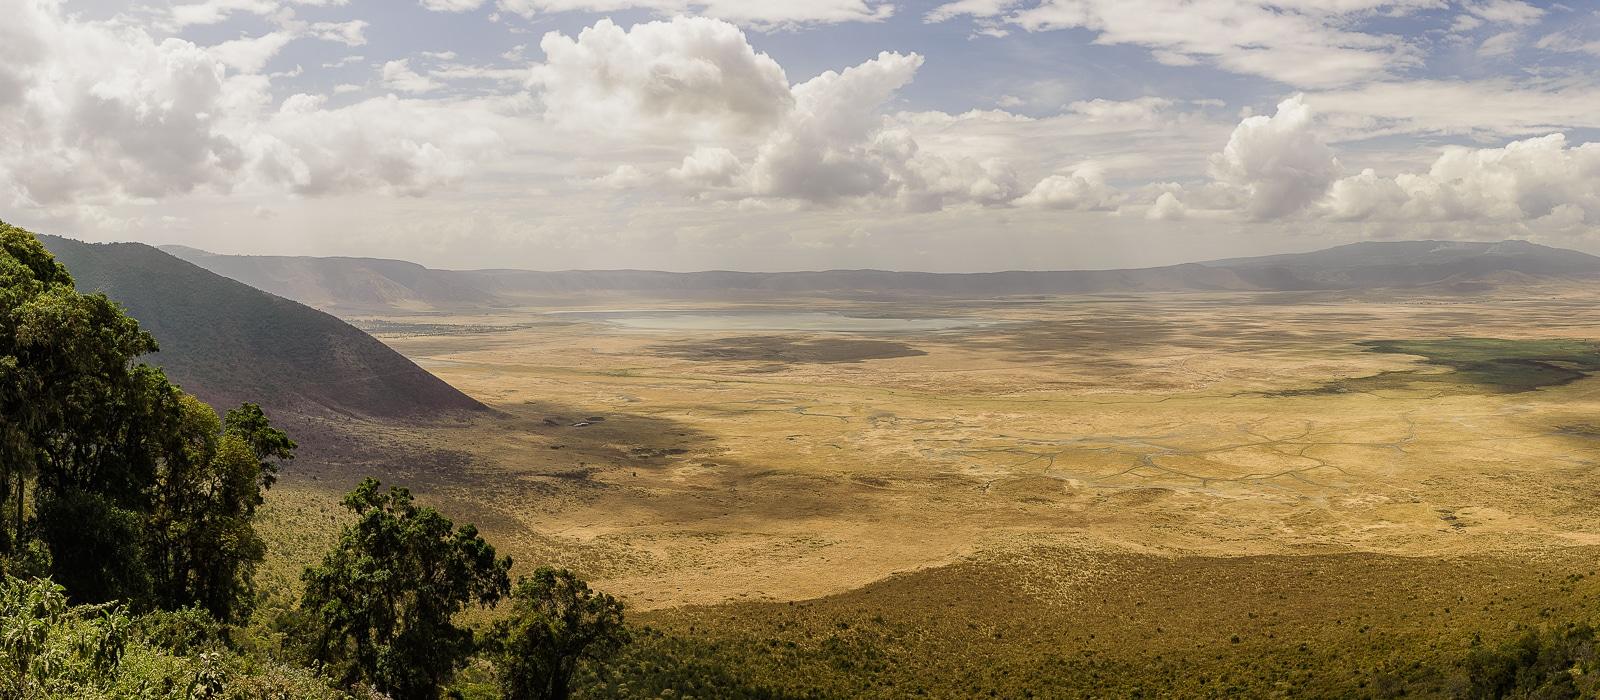 img-diapo-entete - Tanzanie-1600x700-22.jpg